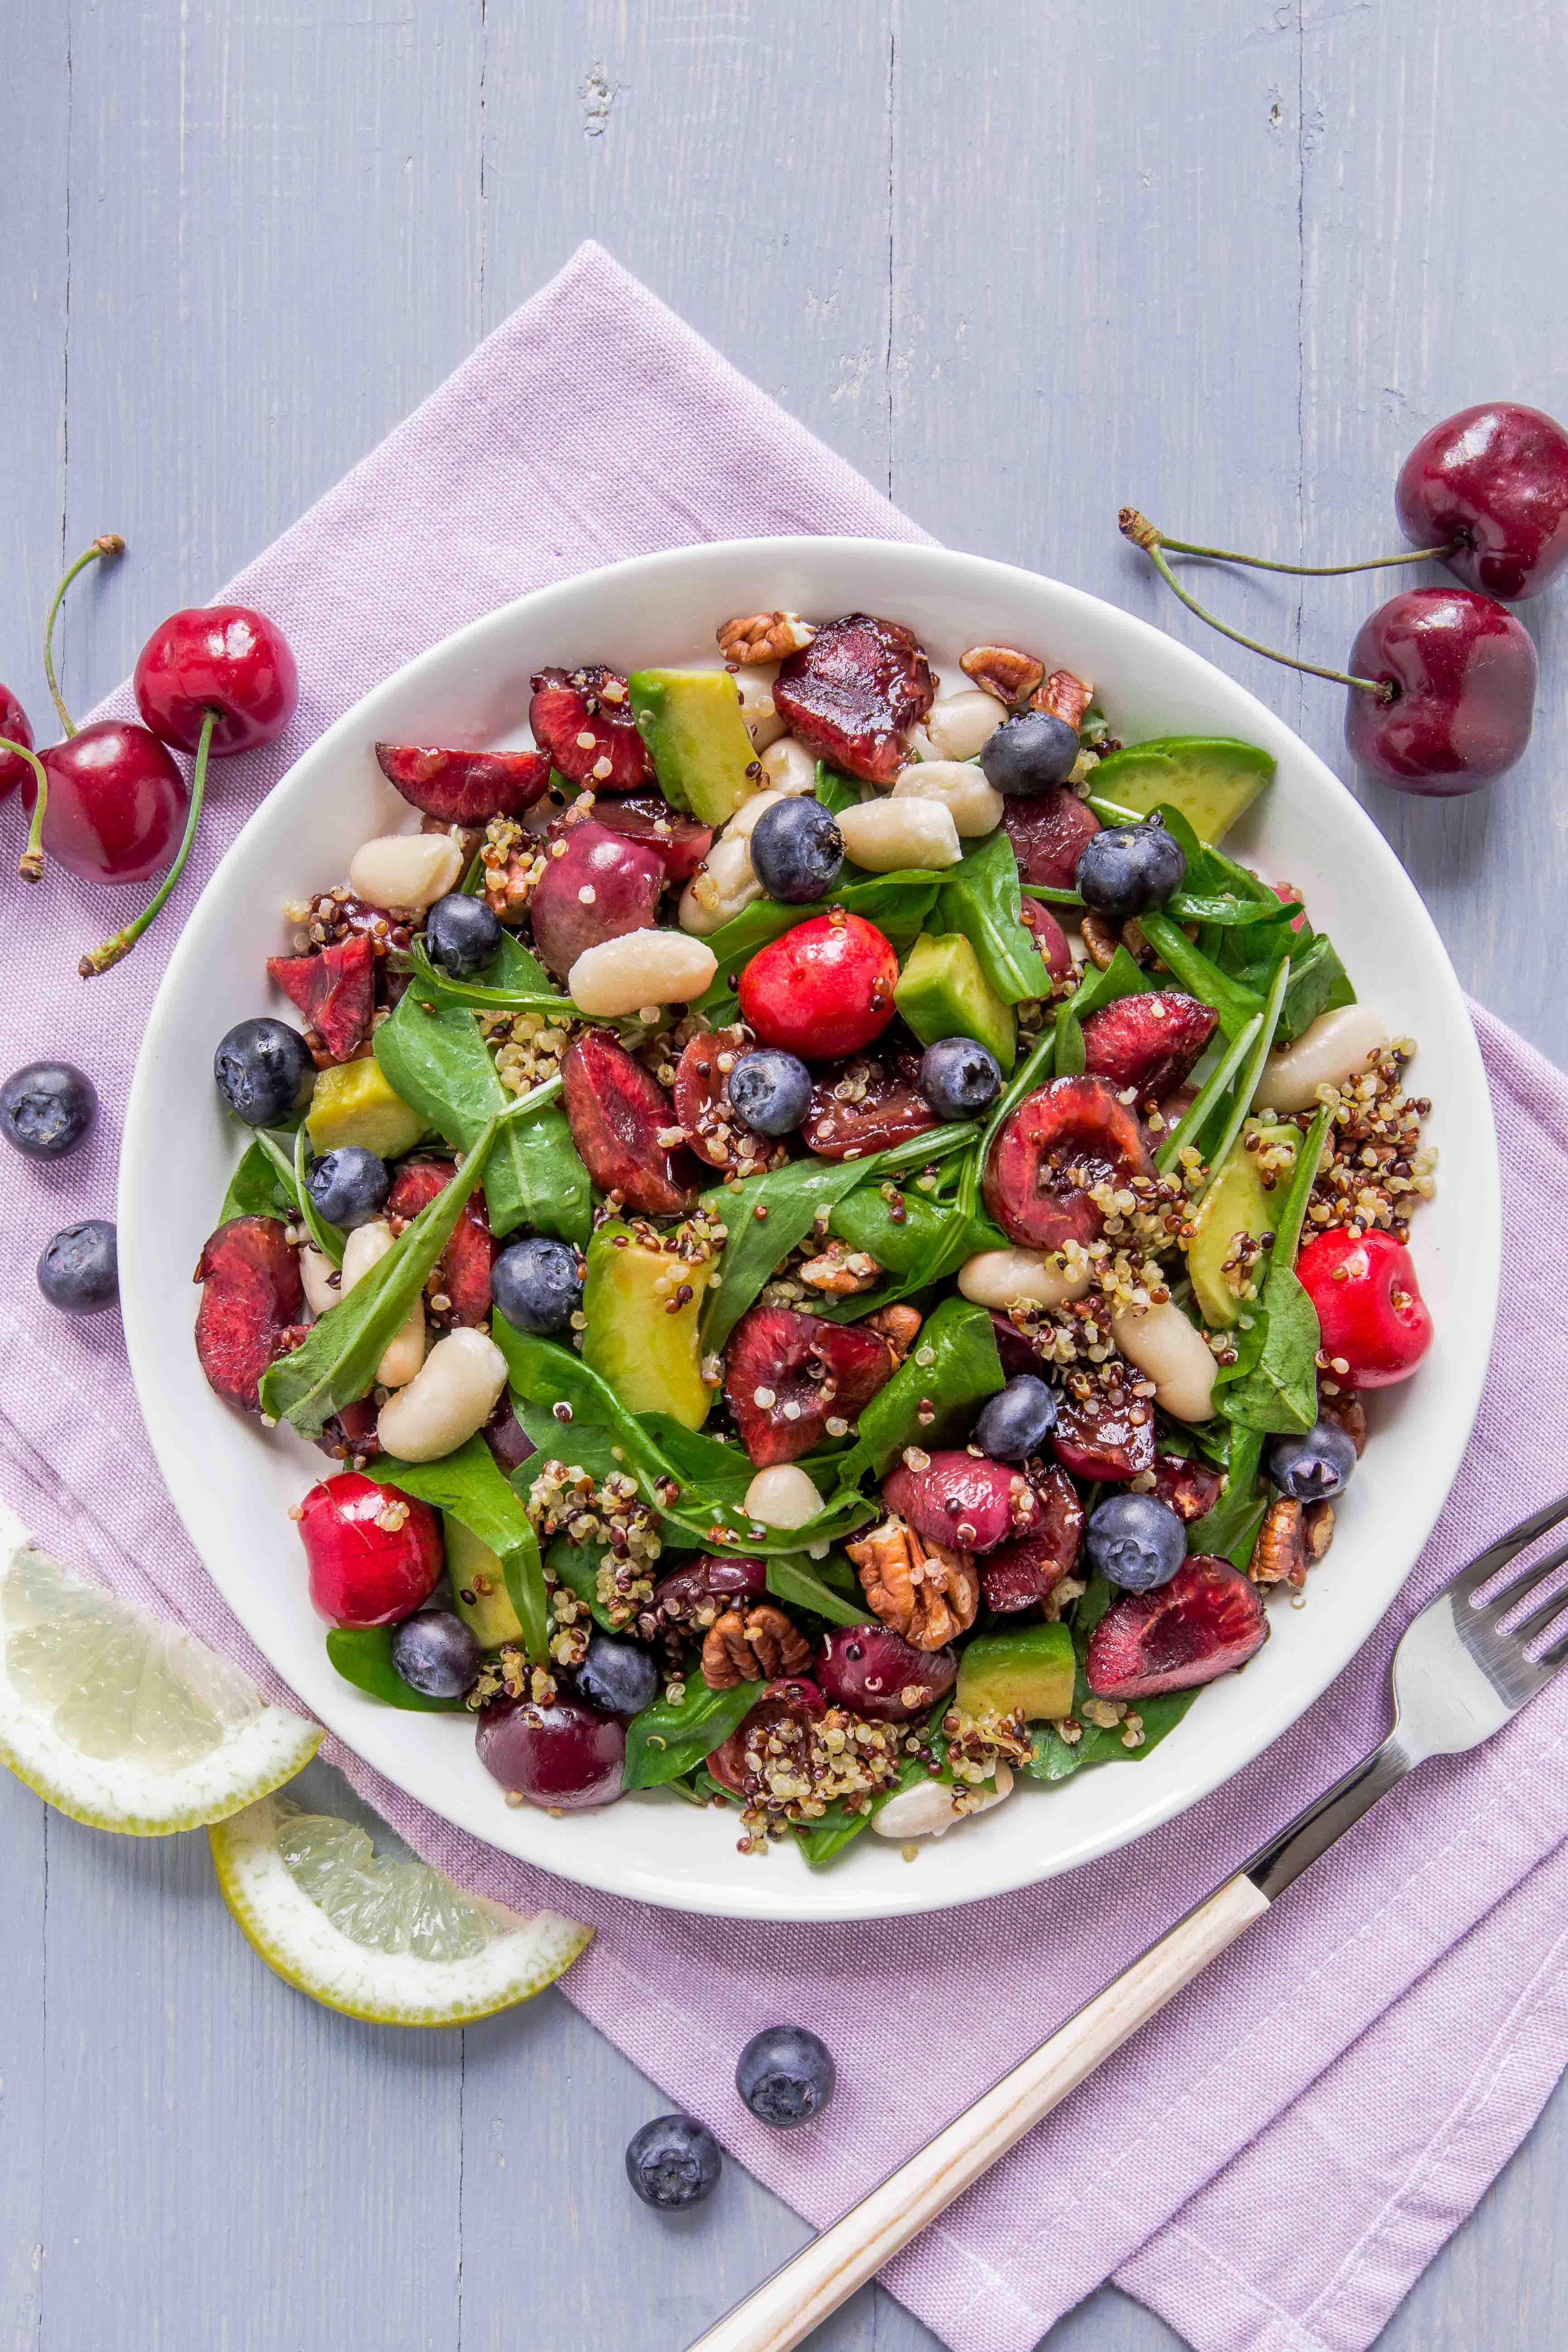 insalata di quinoa e ciliegie all'aceto balsamico e mirtilli - vegan balsamic cherry quinoa salad with pecans and blueberry #glutenfree